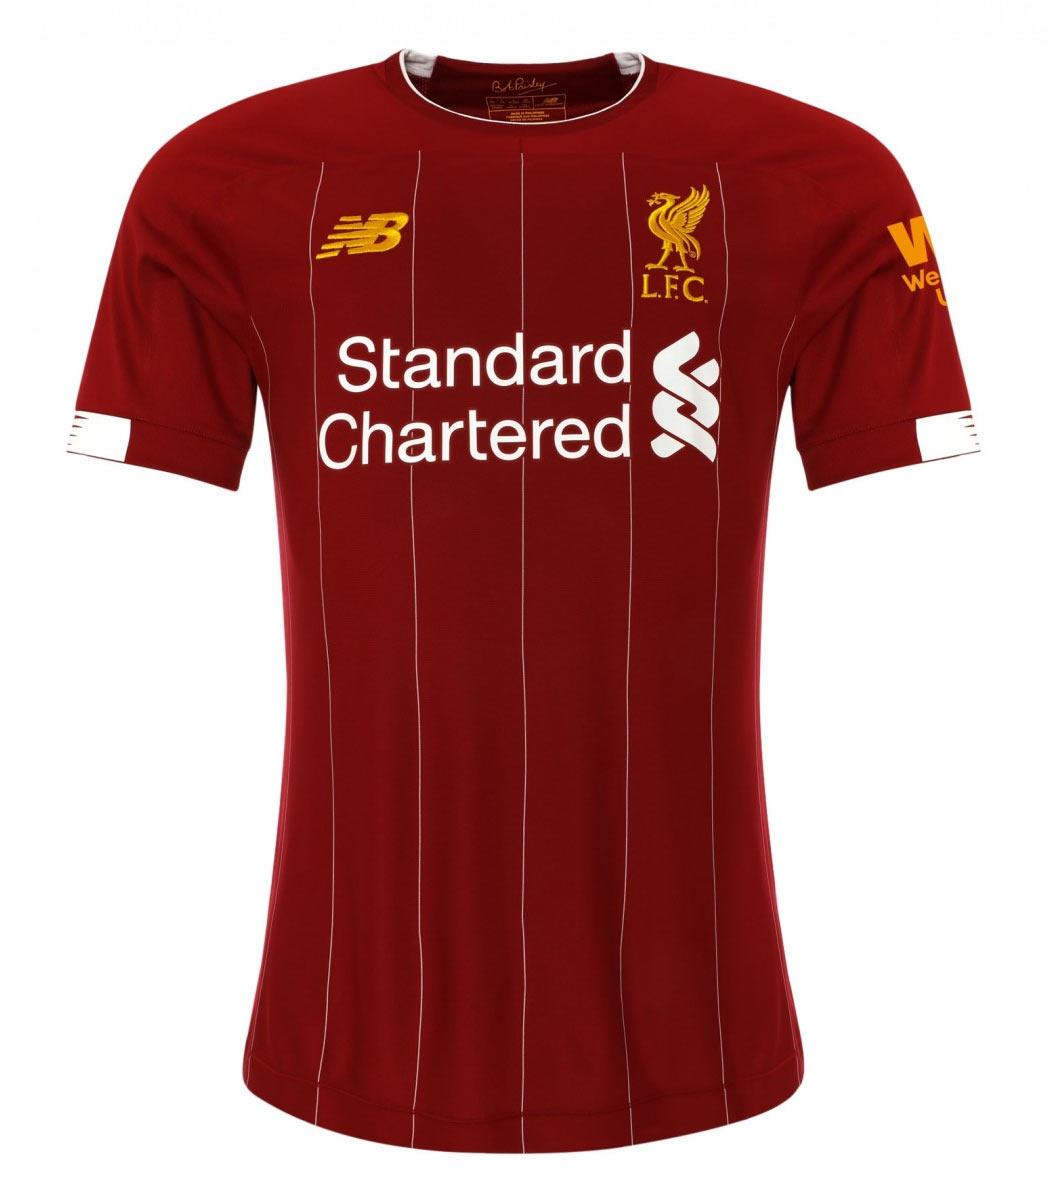 Maglia Liverpool 2019-2020, tornano le mitiche pinstripes